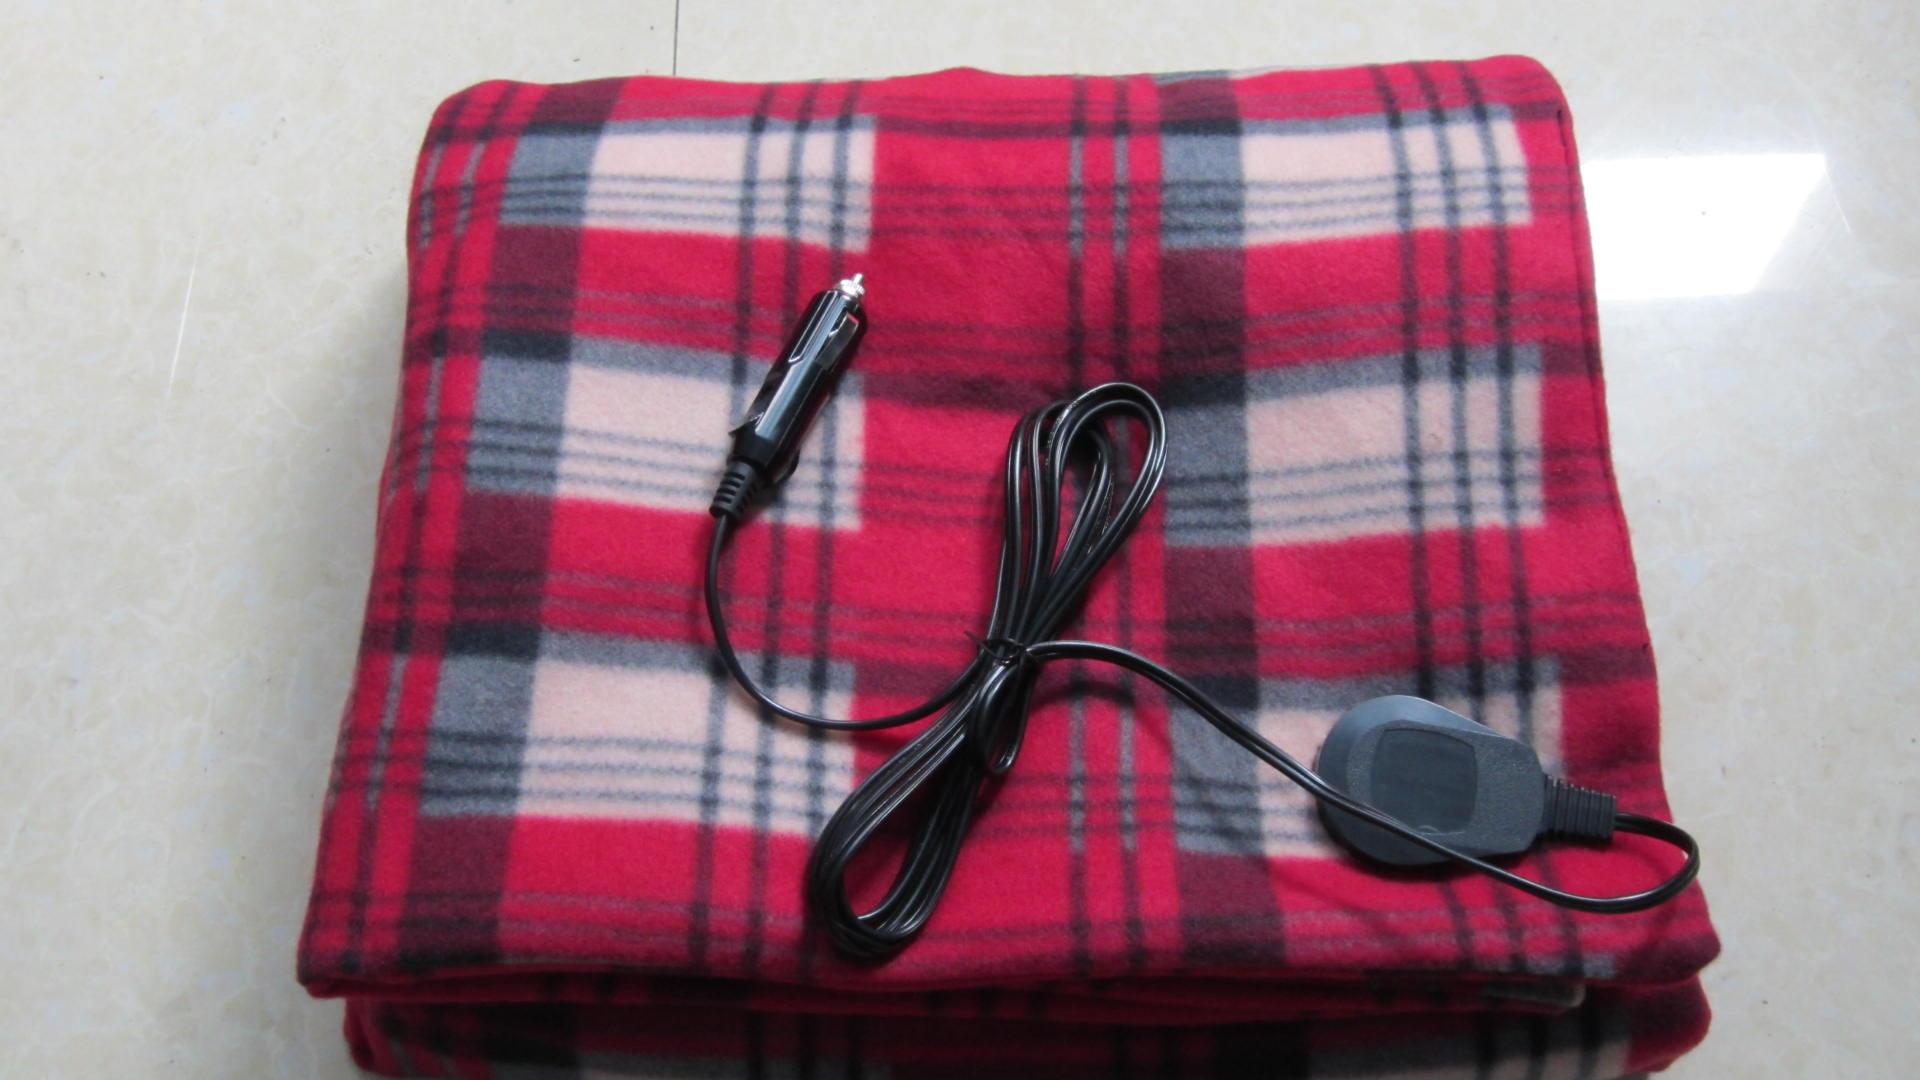 Автомобильный, Отопление Подушки автомобильные электрические подушки. автомобиль электрическое одеяло 12V электрическое одеяло пакет mail